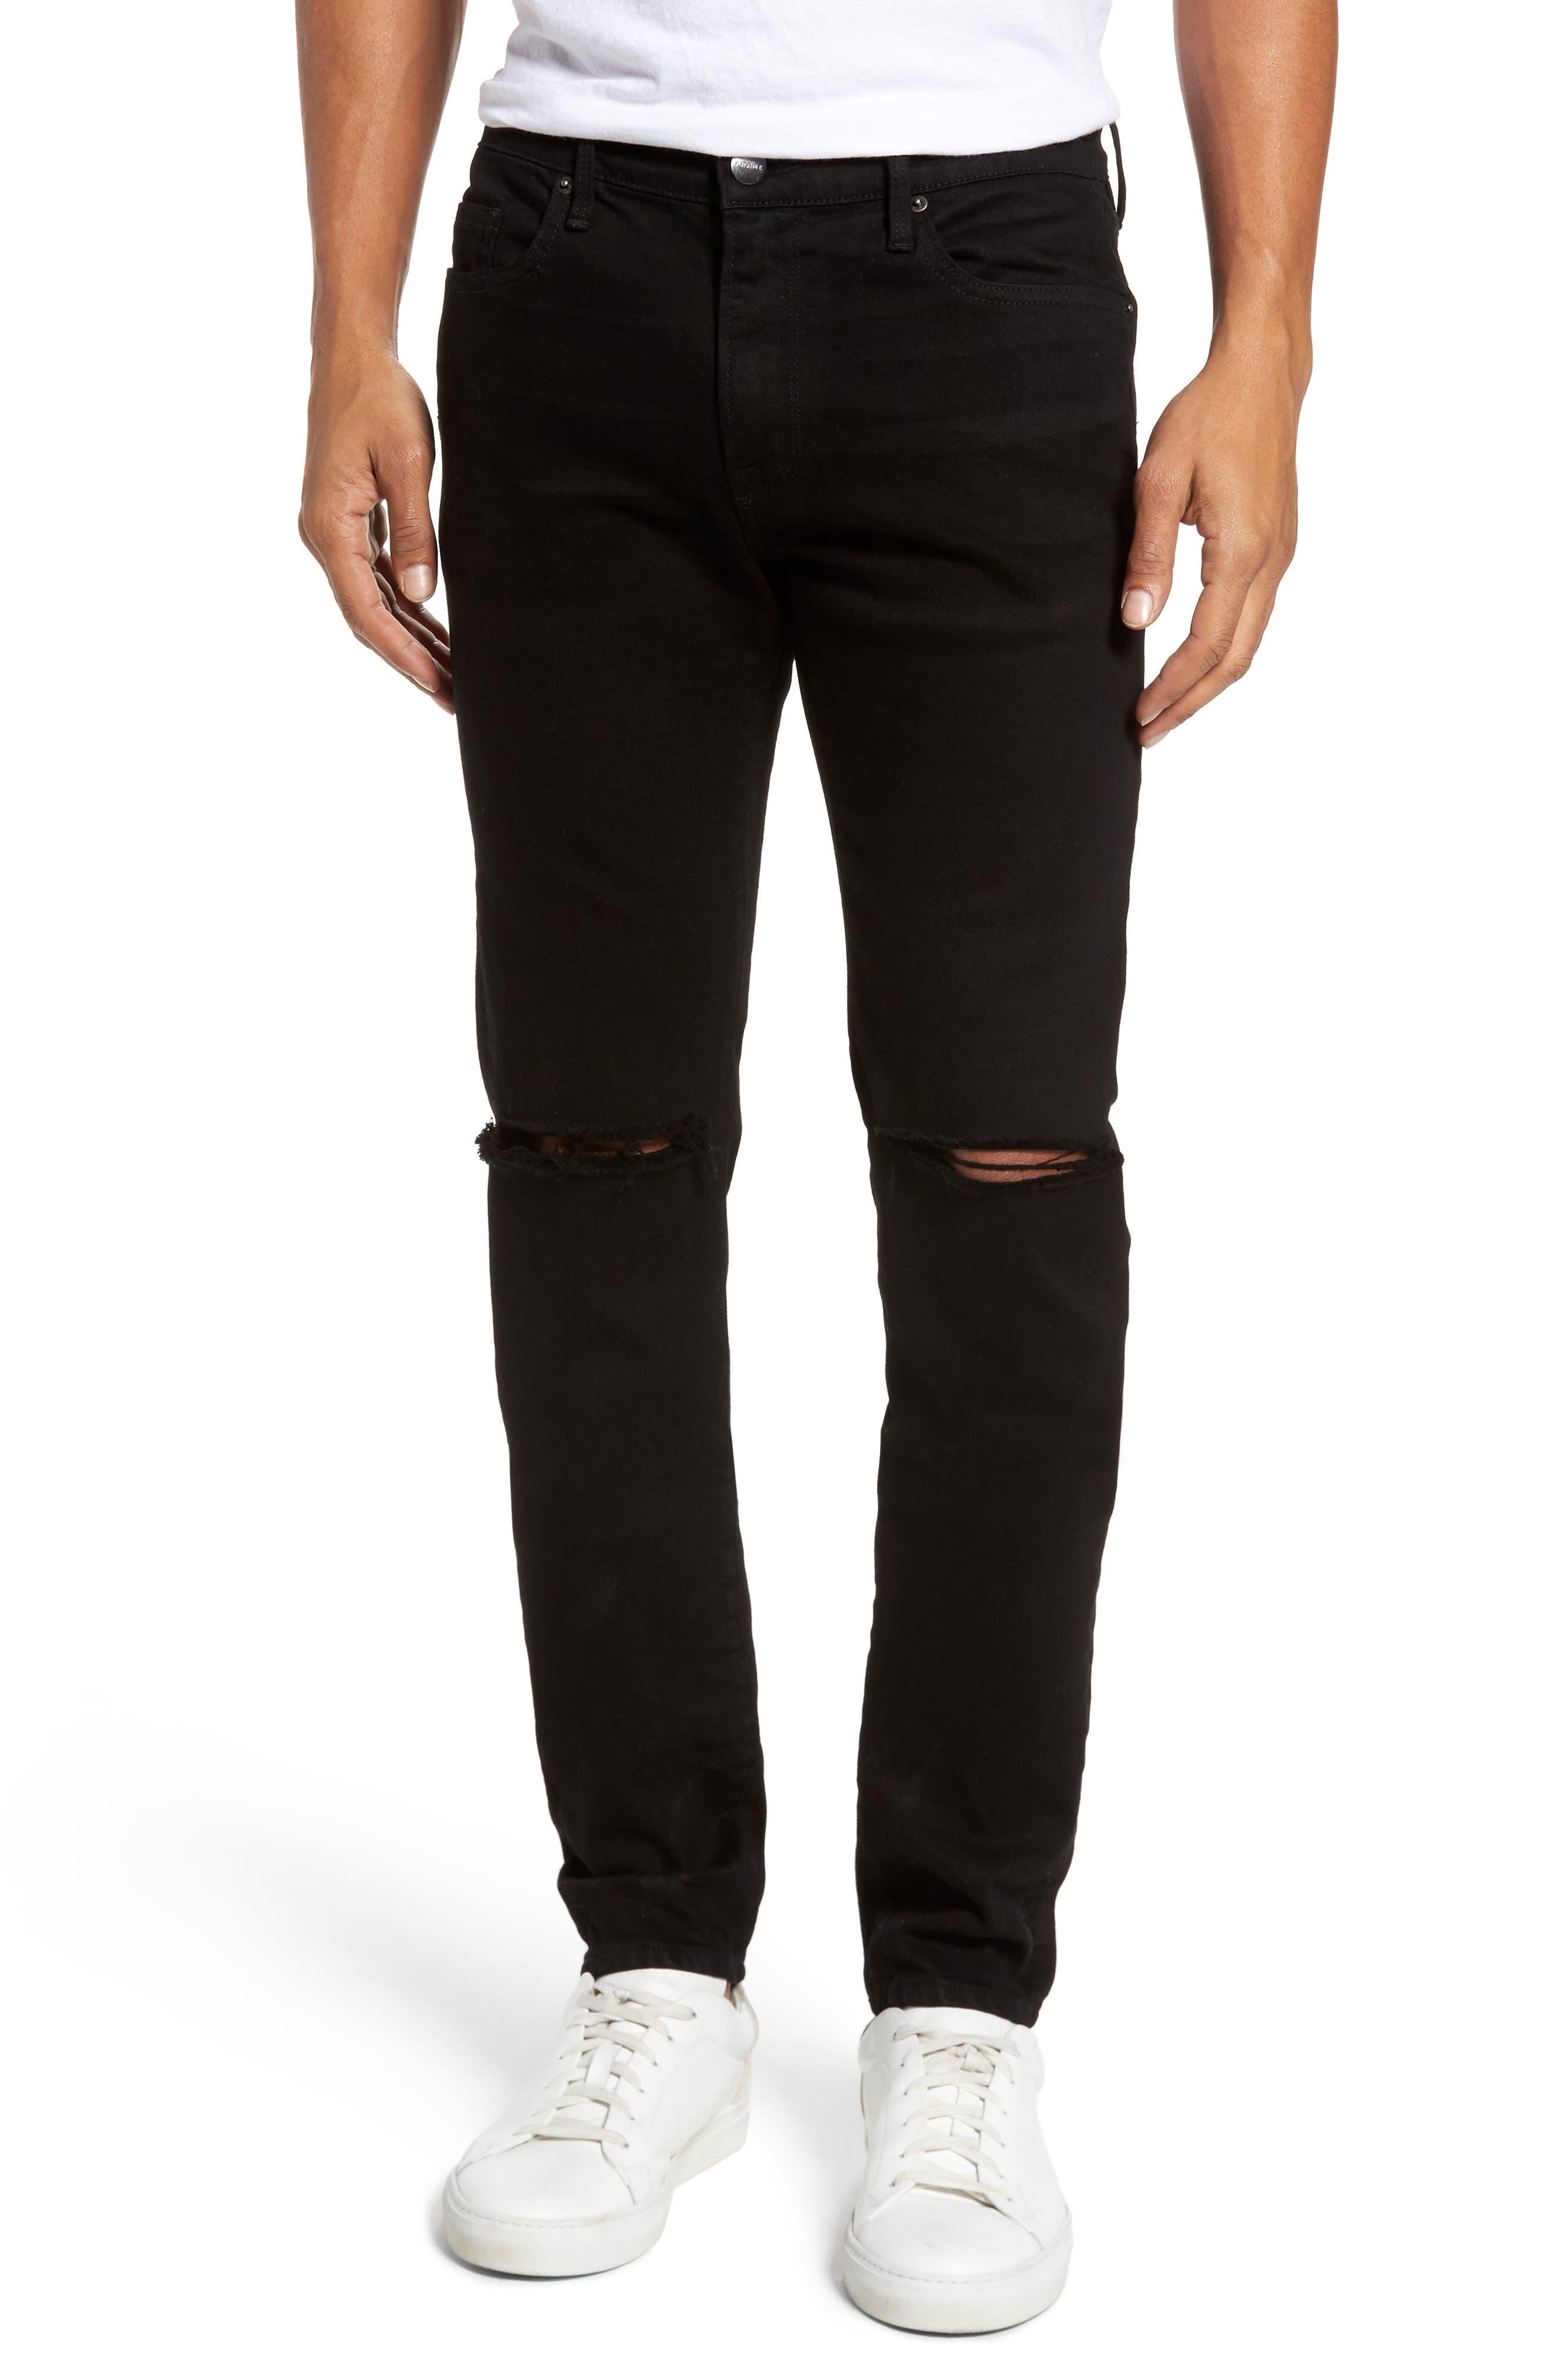 Alternate Image 1 Selected - FRAME L'Homme Slim Fit Jeans (Noir Slits)